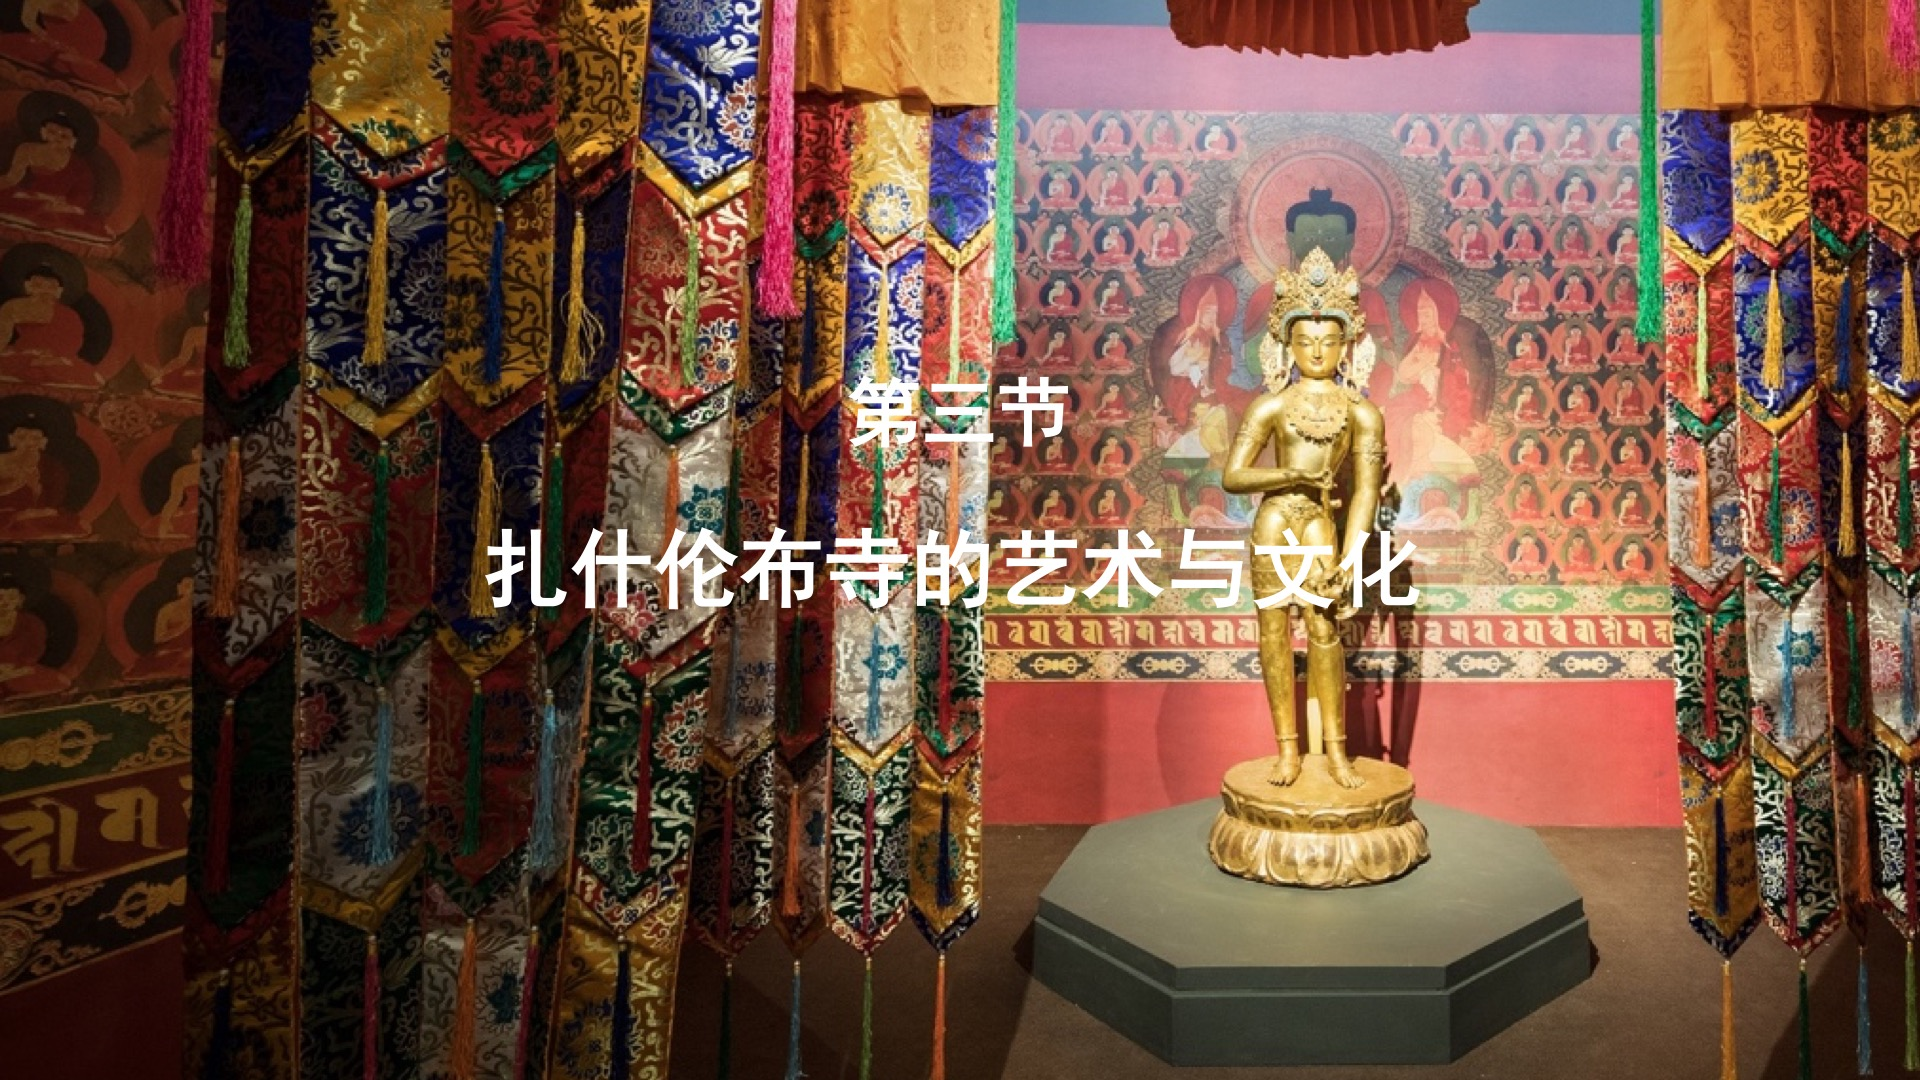 第三节:扎什伦布寺的艺术与文化